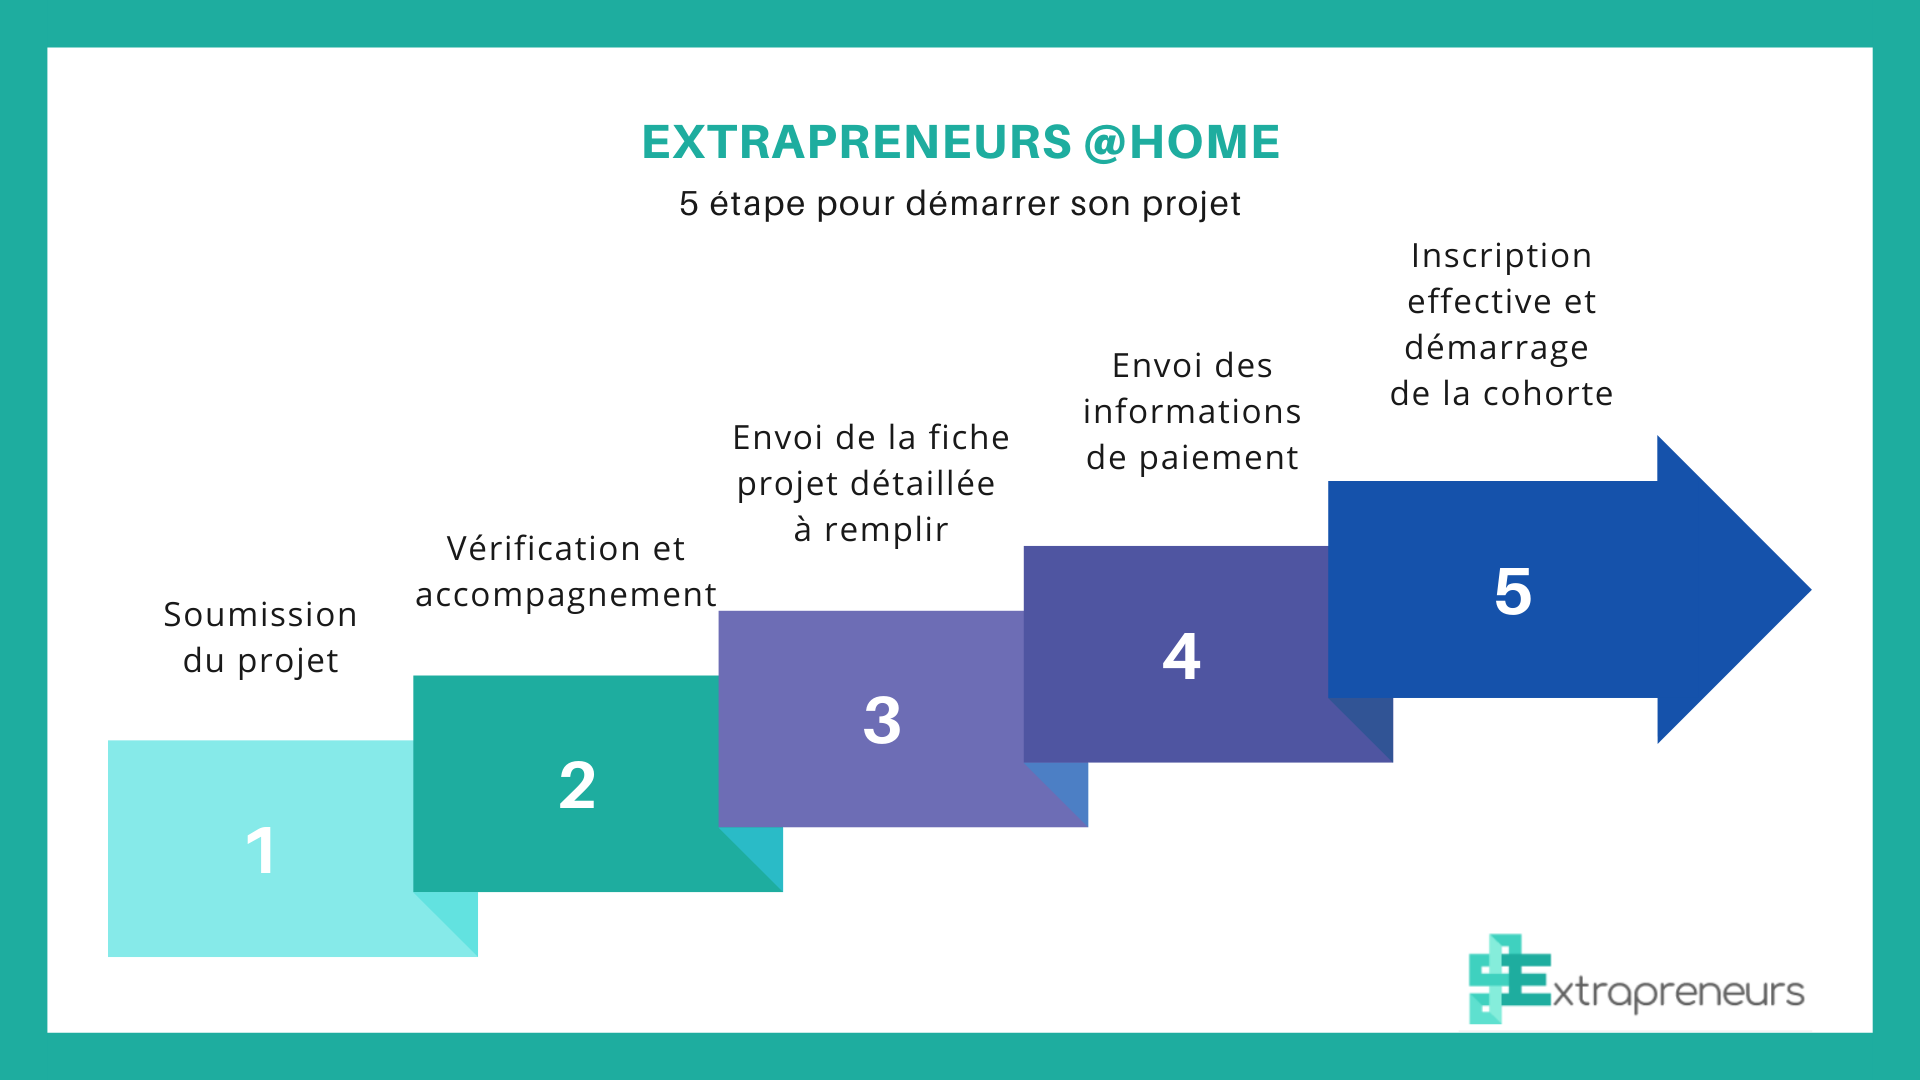 processus d'inscription Extrapreneurs@home